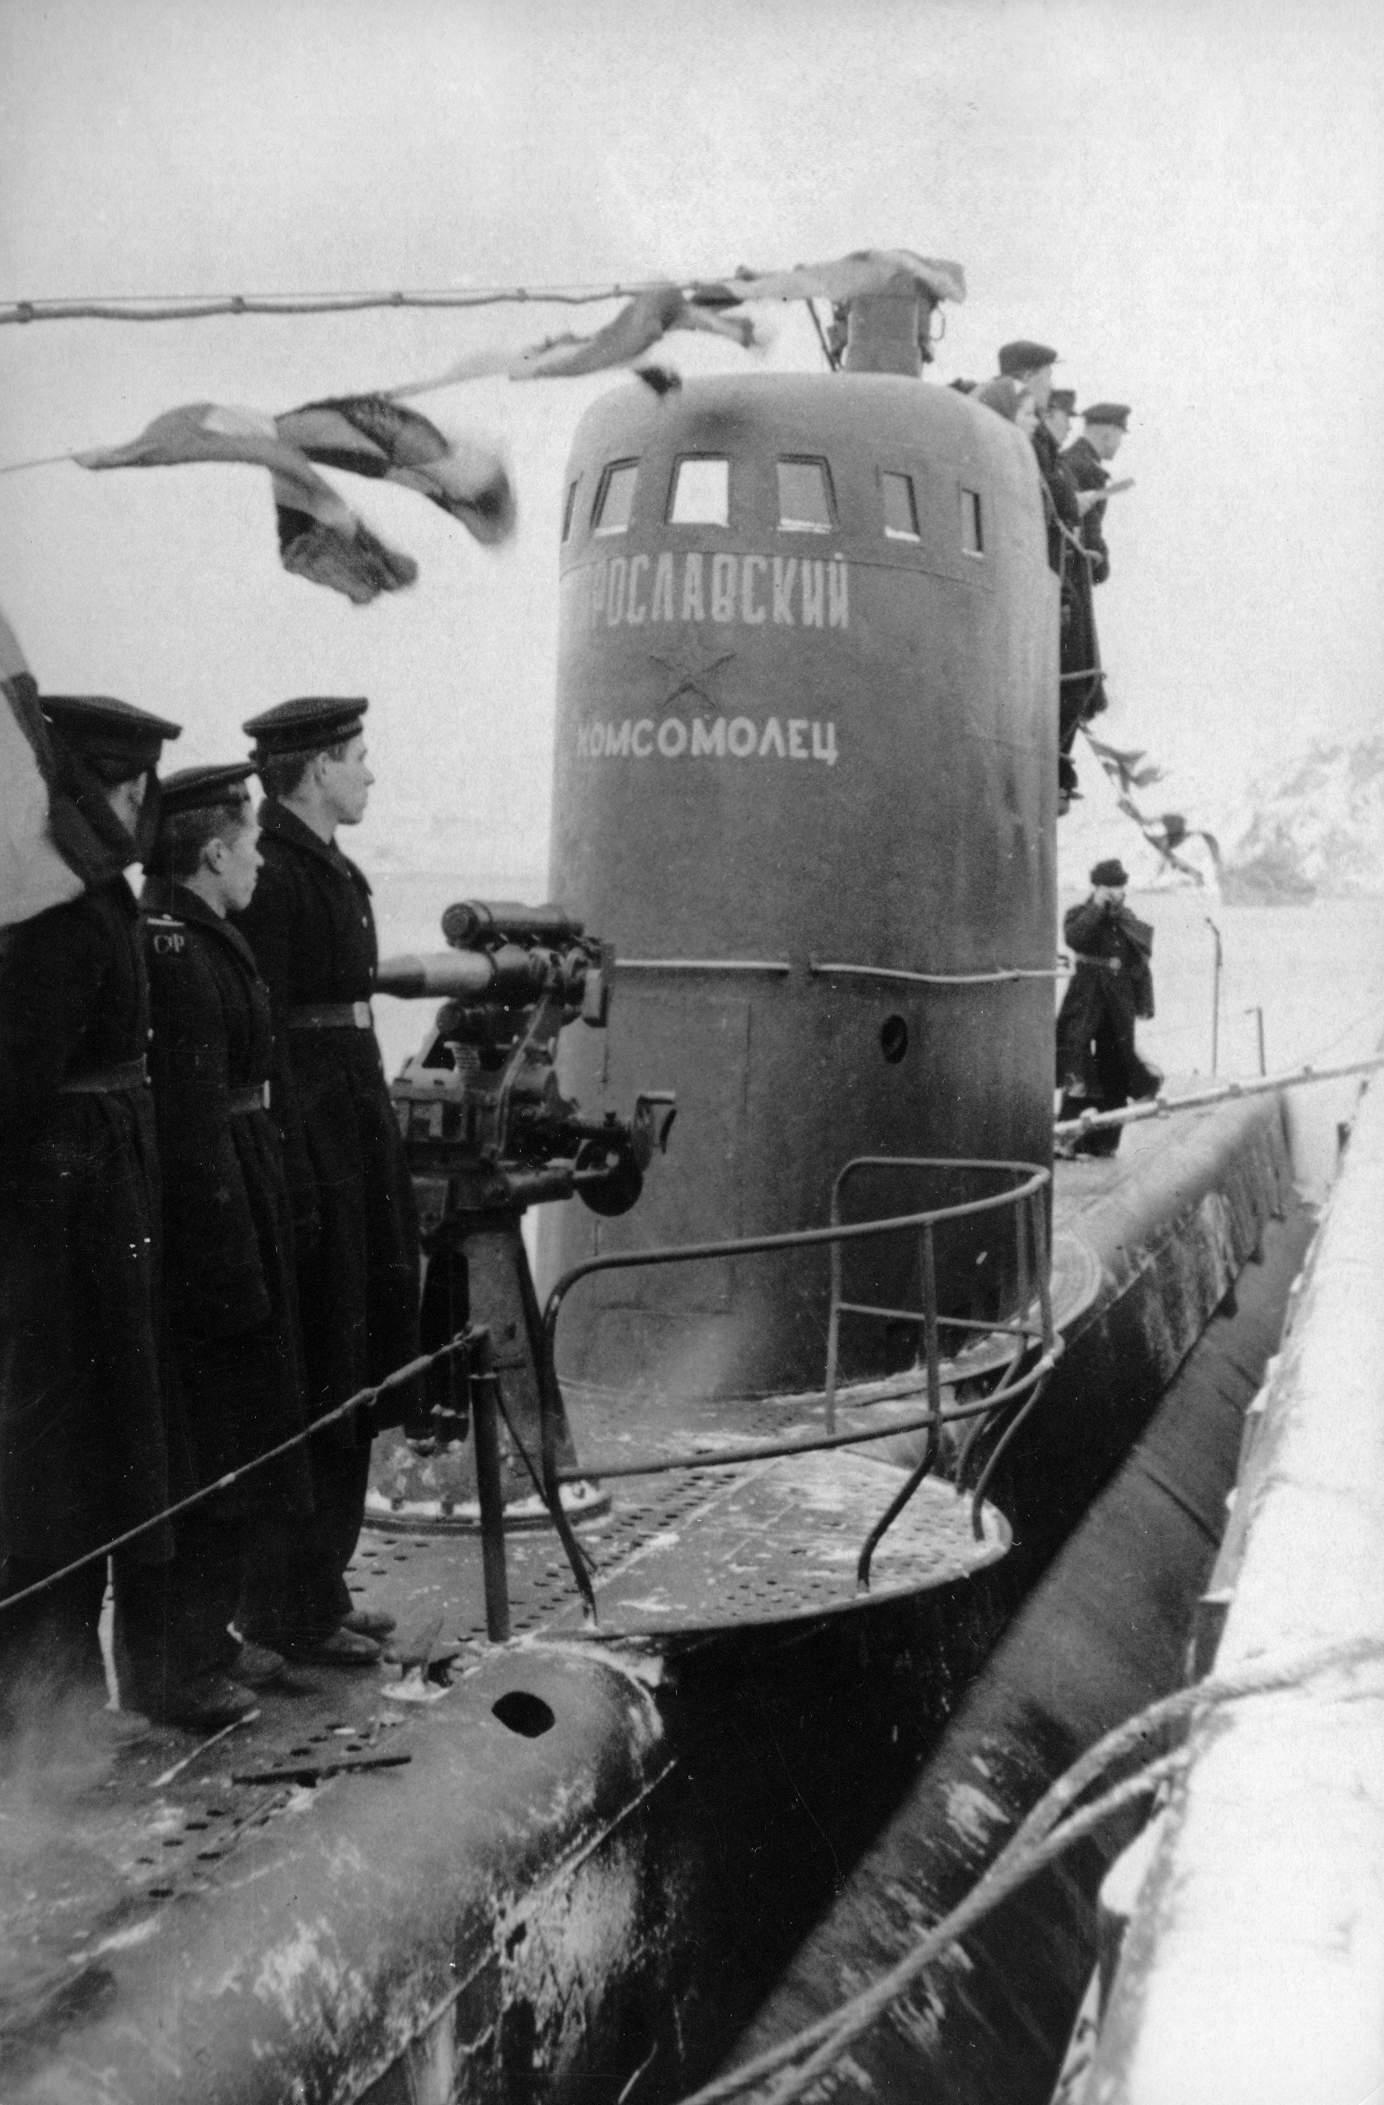 фильмы про подводных лодок 41 45 годах